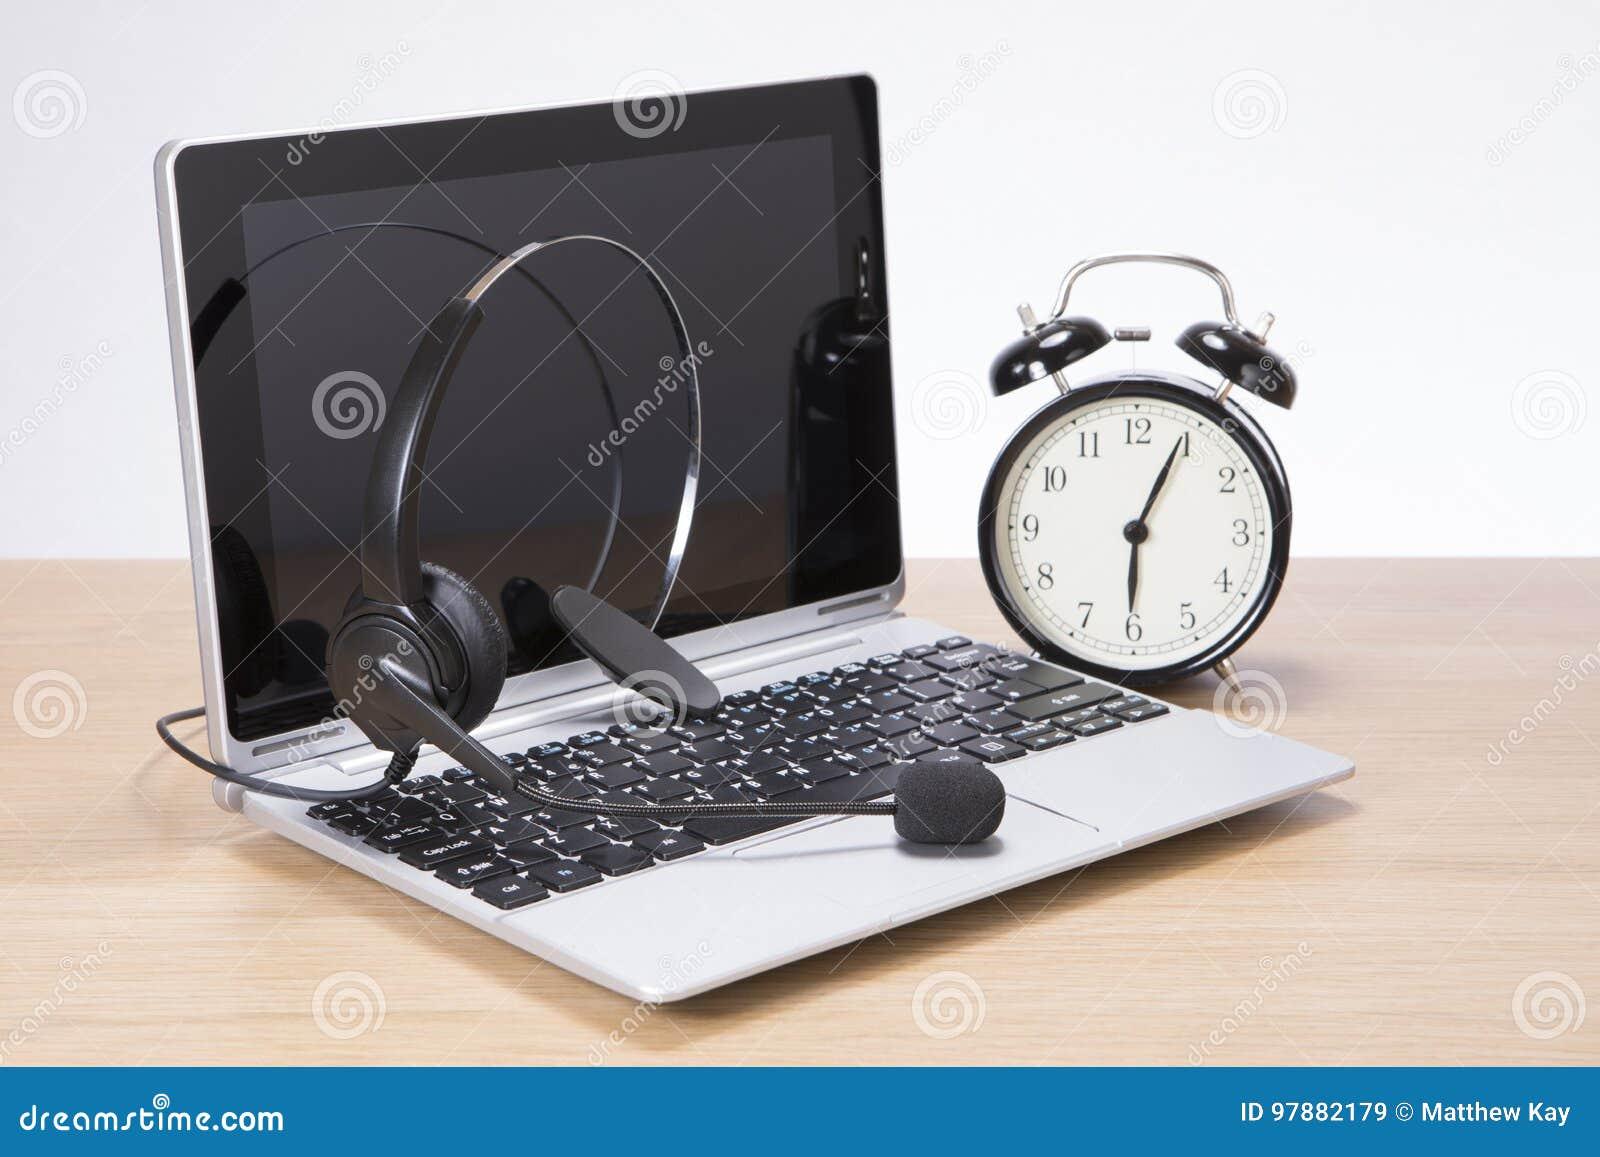 Wecker neben einem Laptop und einem Kopfhörer